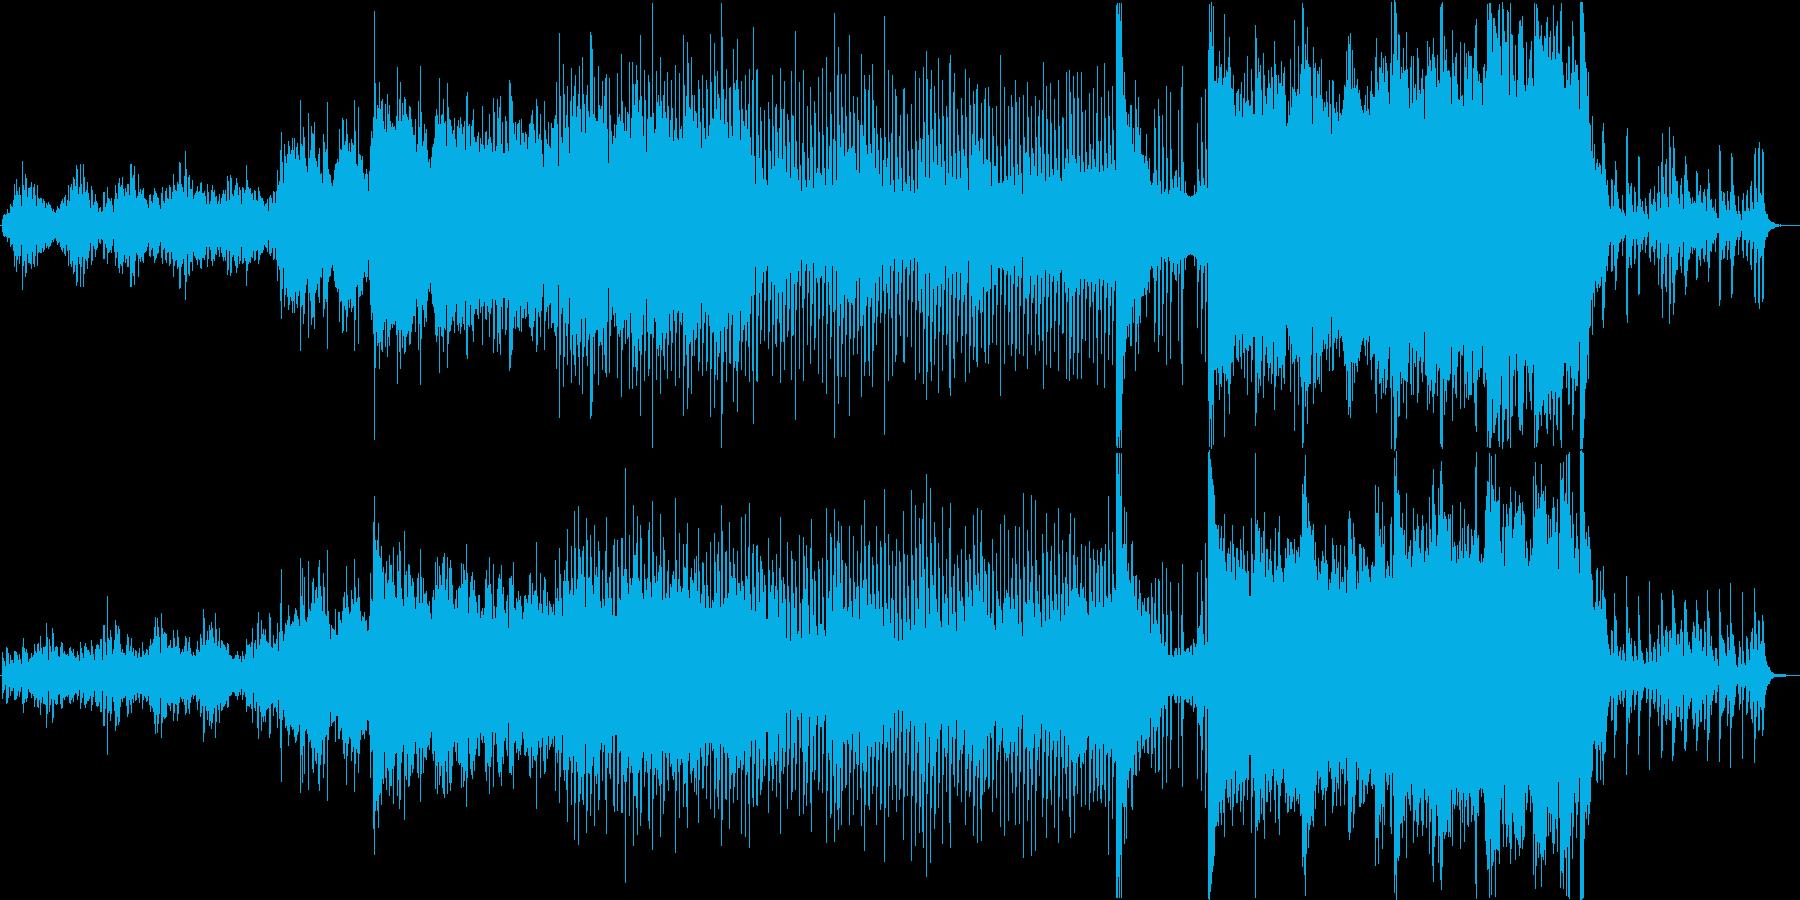 都市伝説ホラー系ハイブリッドオーケストラの再生済みの波形